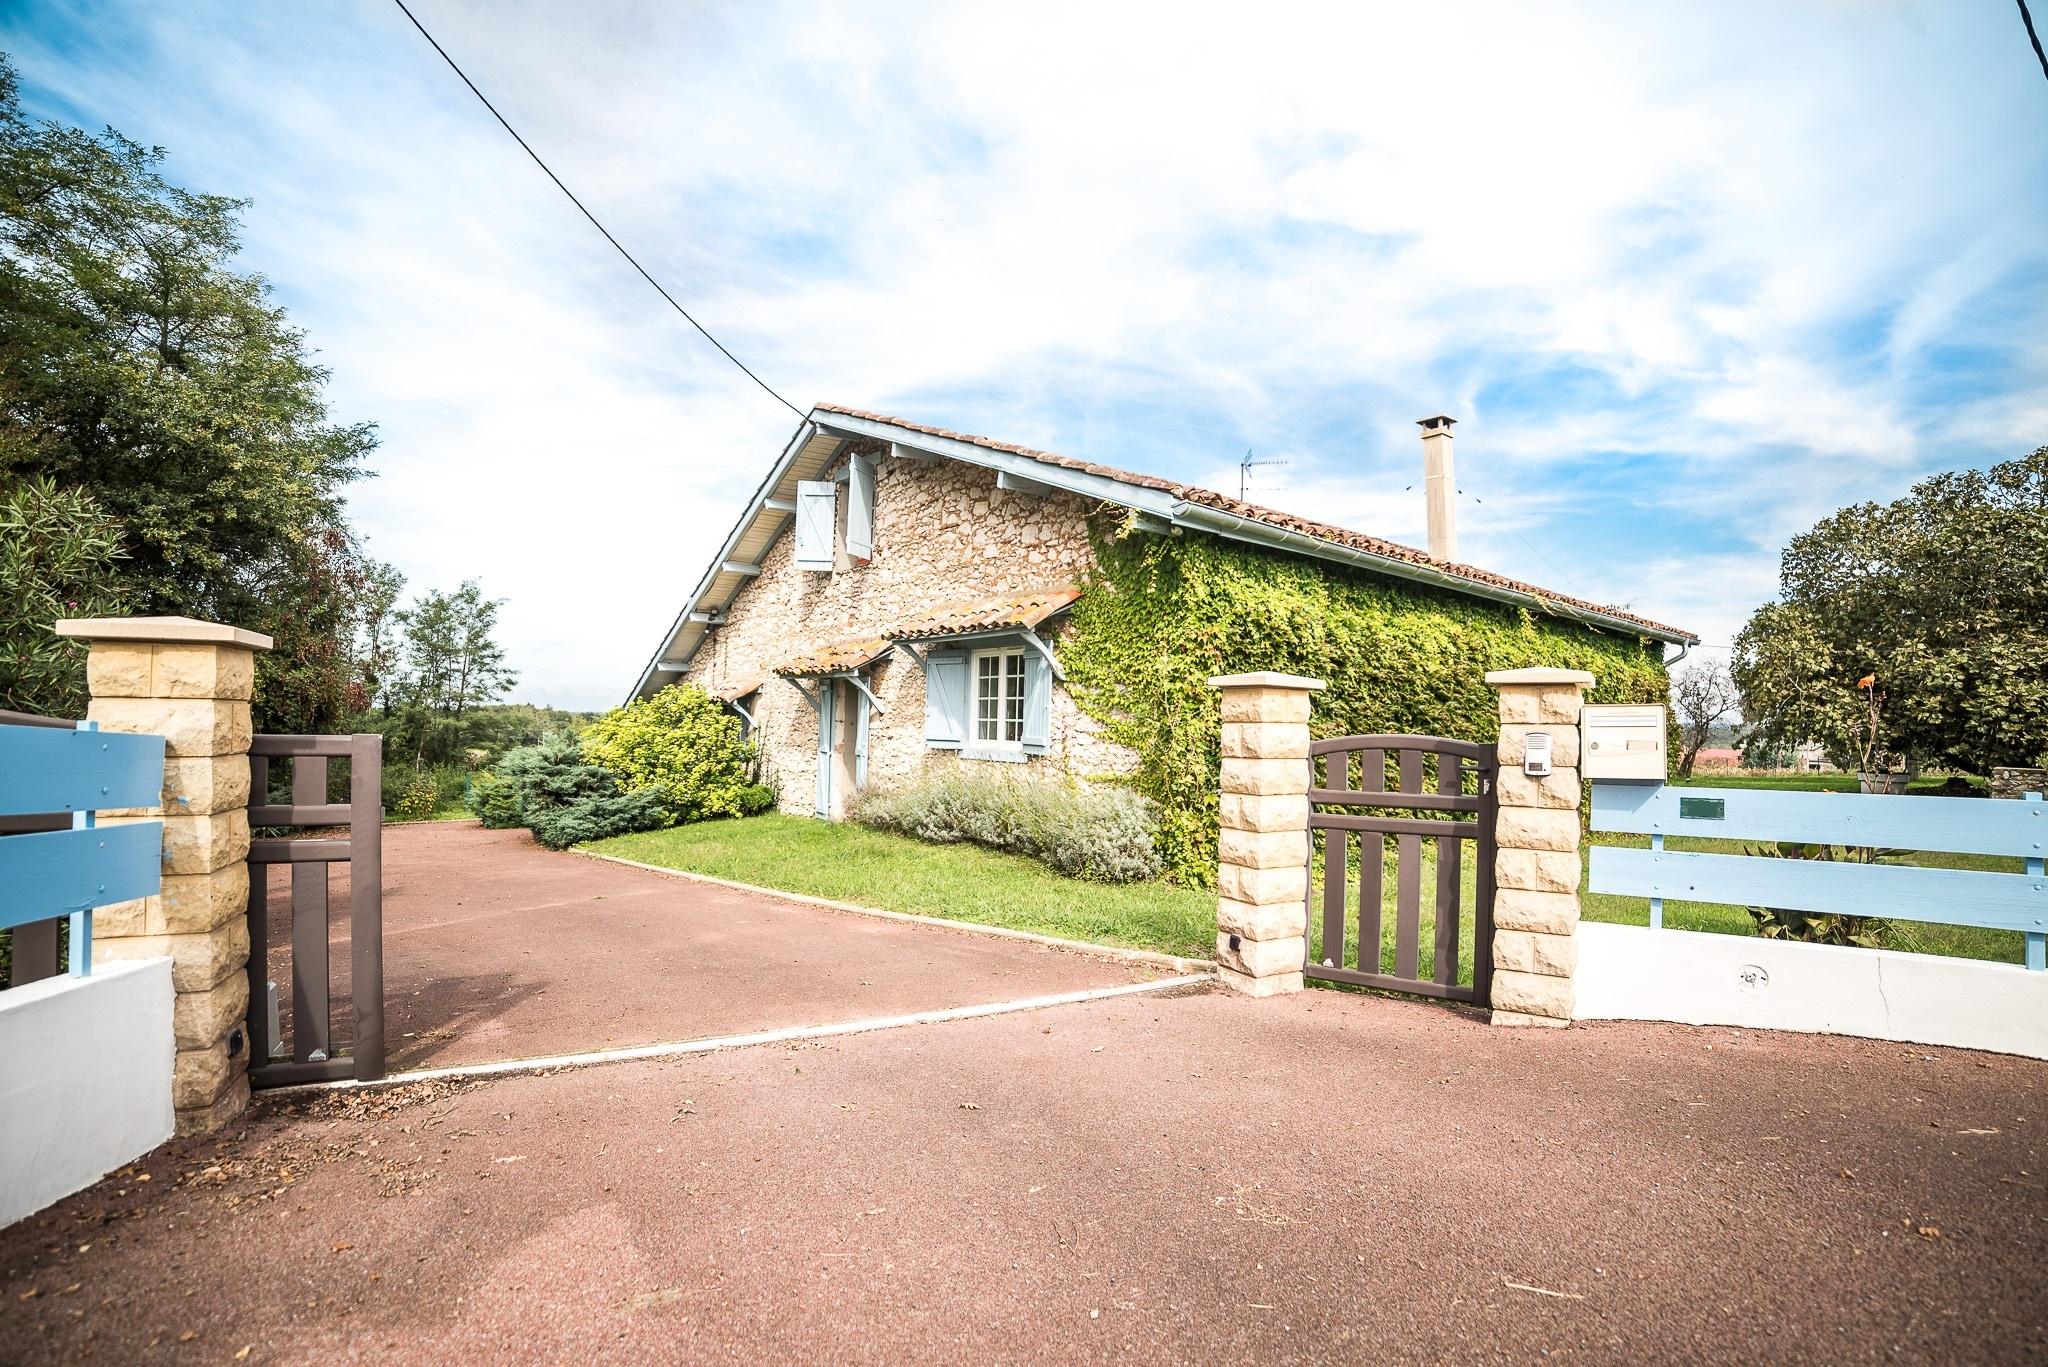 Vente maison villa pouillon pouillon 40350 for Appartement atypique dax